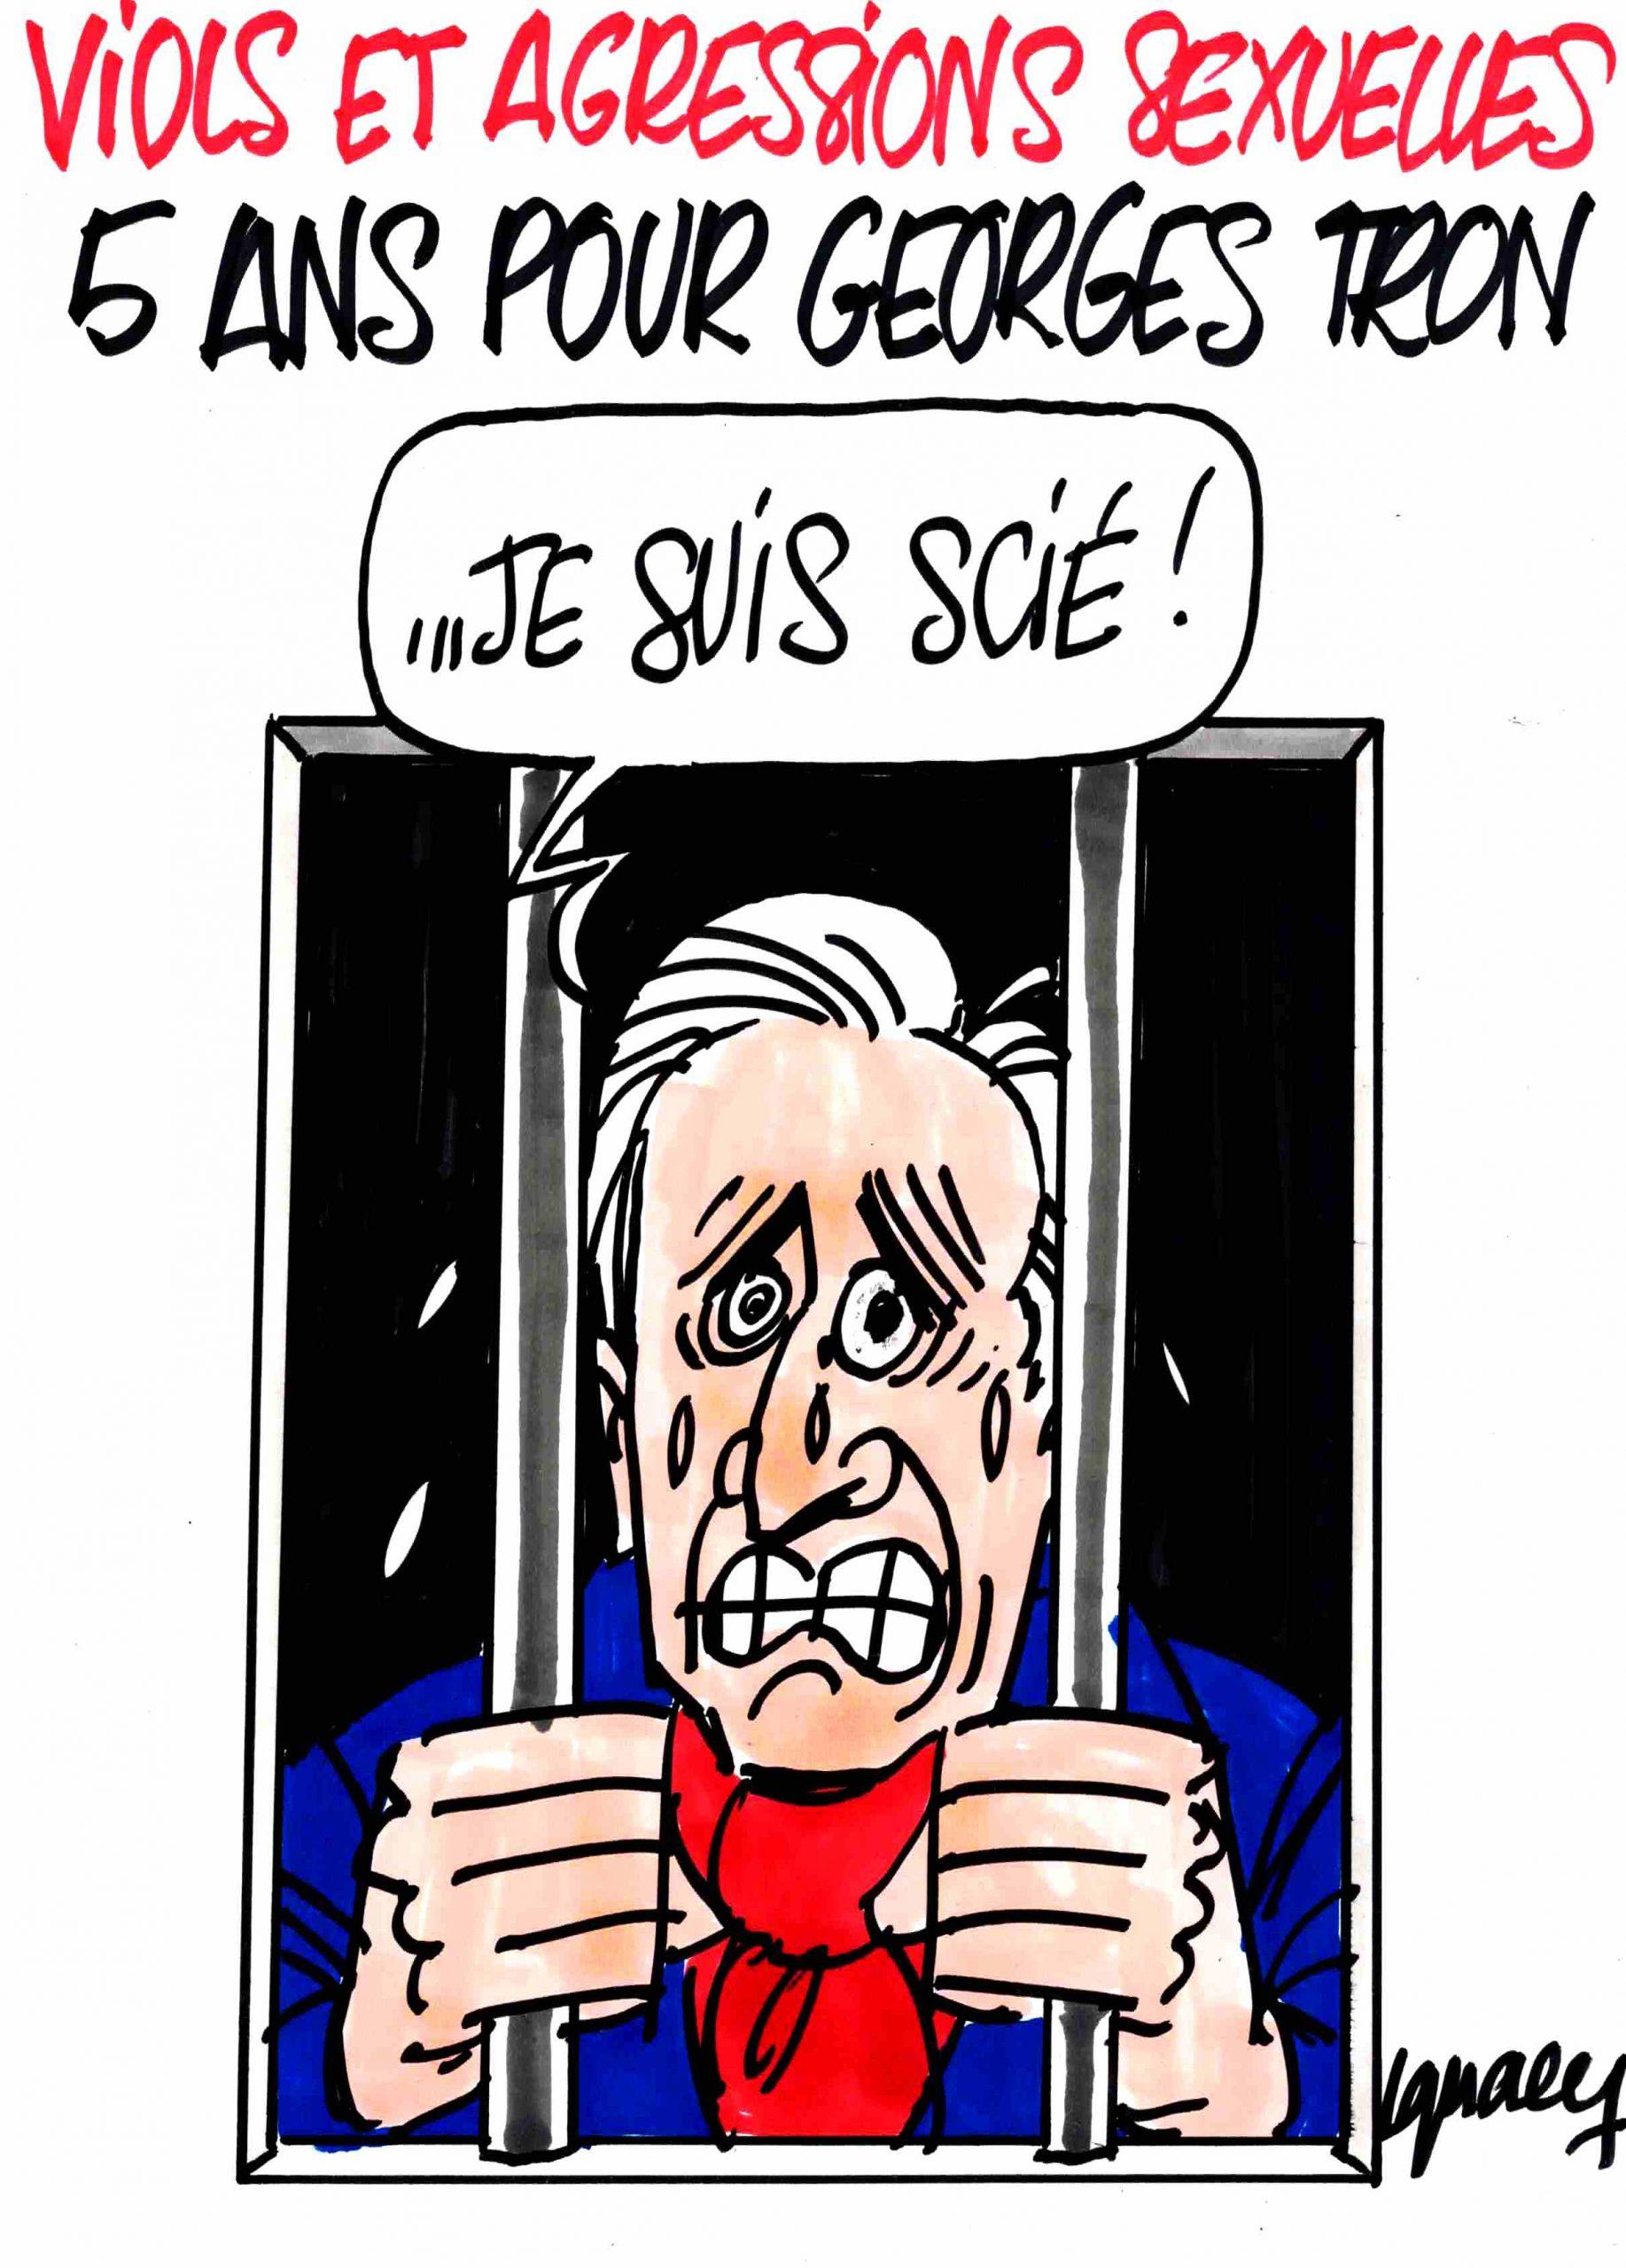 Ignace - Cinq ans de prison pour Georges Tron